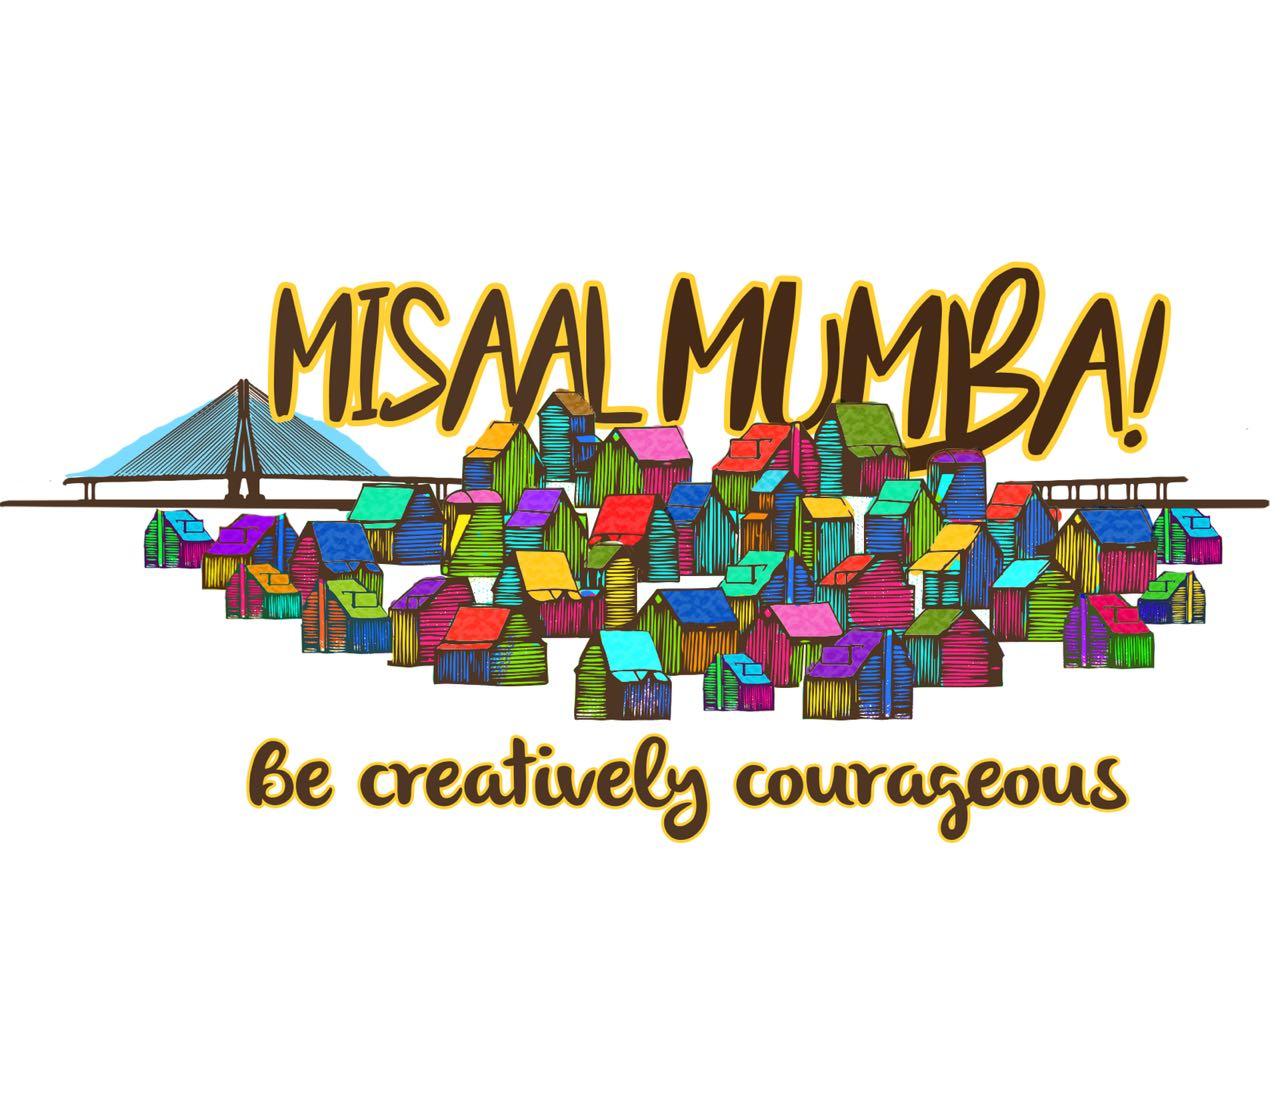 Misaal Mumbai Initiative By Rouble Nagi